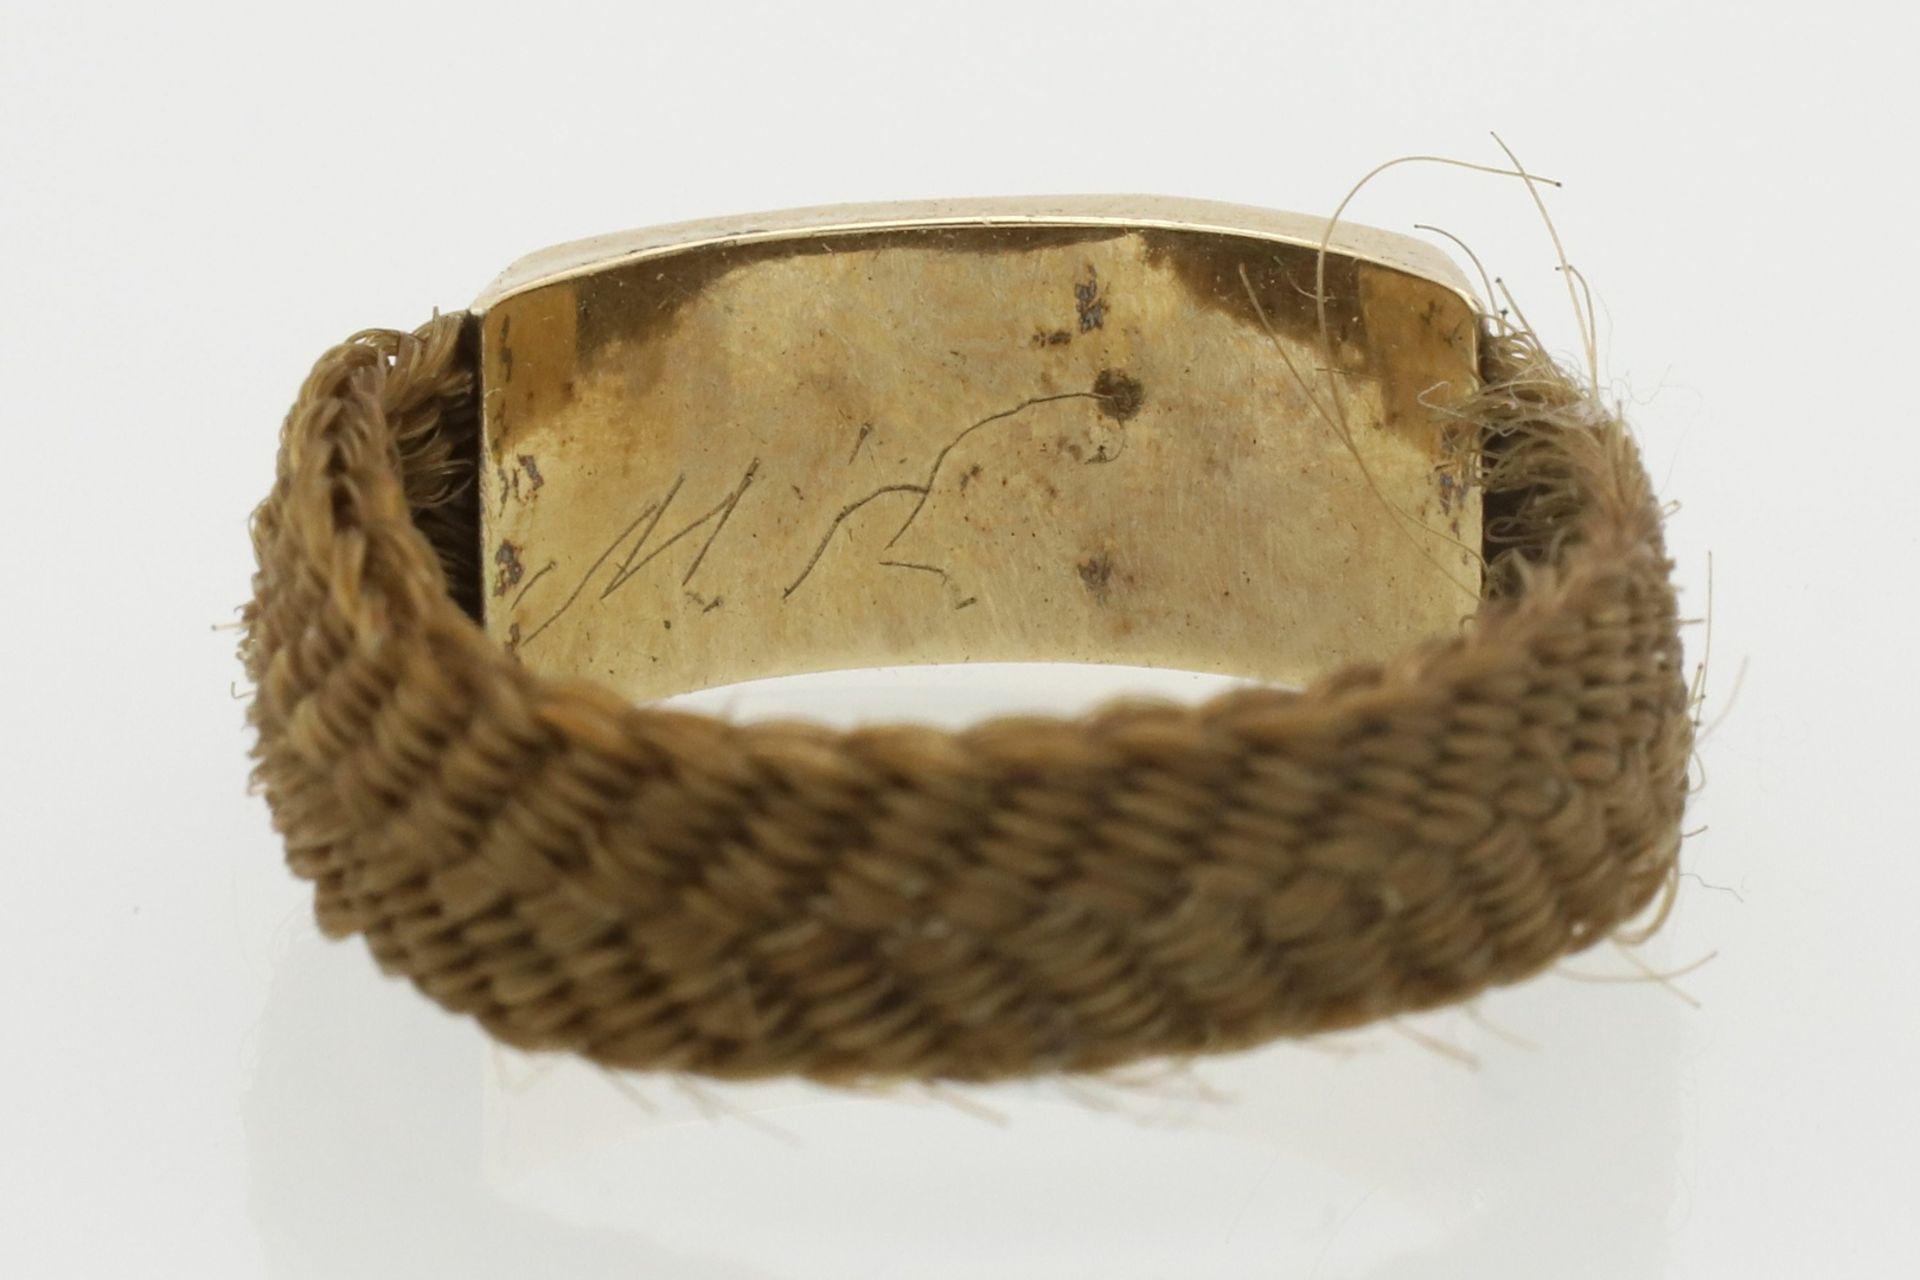 Biedermeier Haarring mit Glaube, Liebe, Hoffnung Symbolik - Bild 5 aus 5